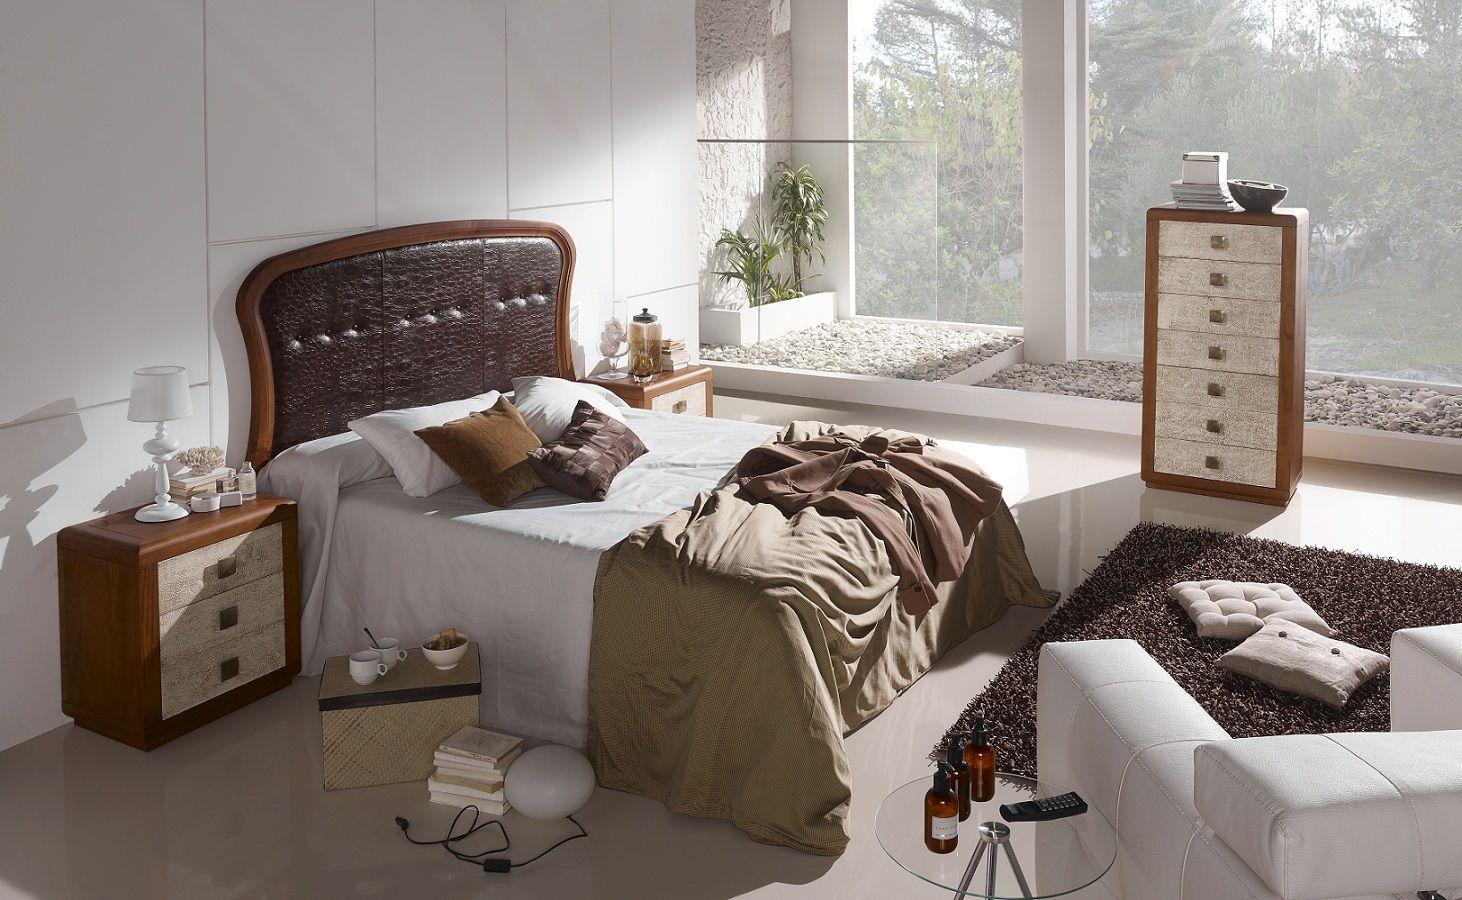 Foto 33 de Muebles y decoración en Cuarte de Huerva | Muebles Pedro Marco